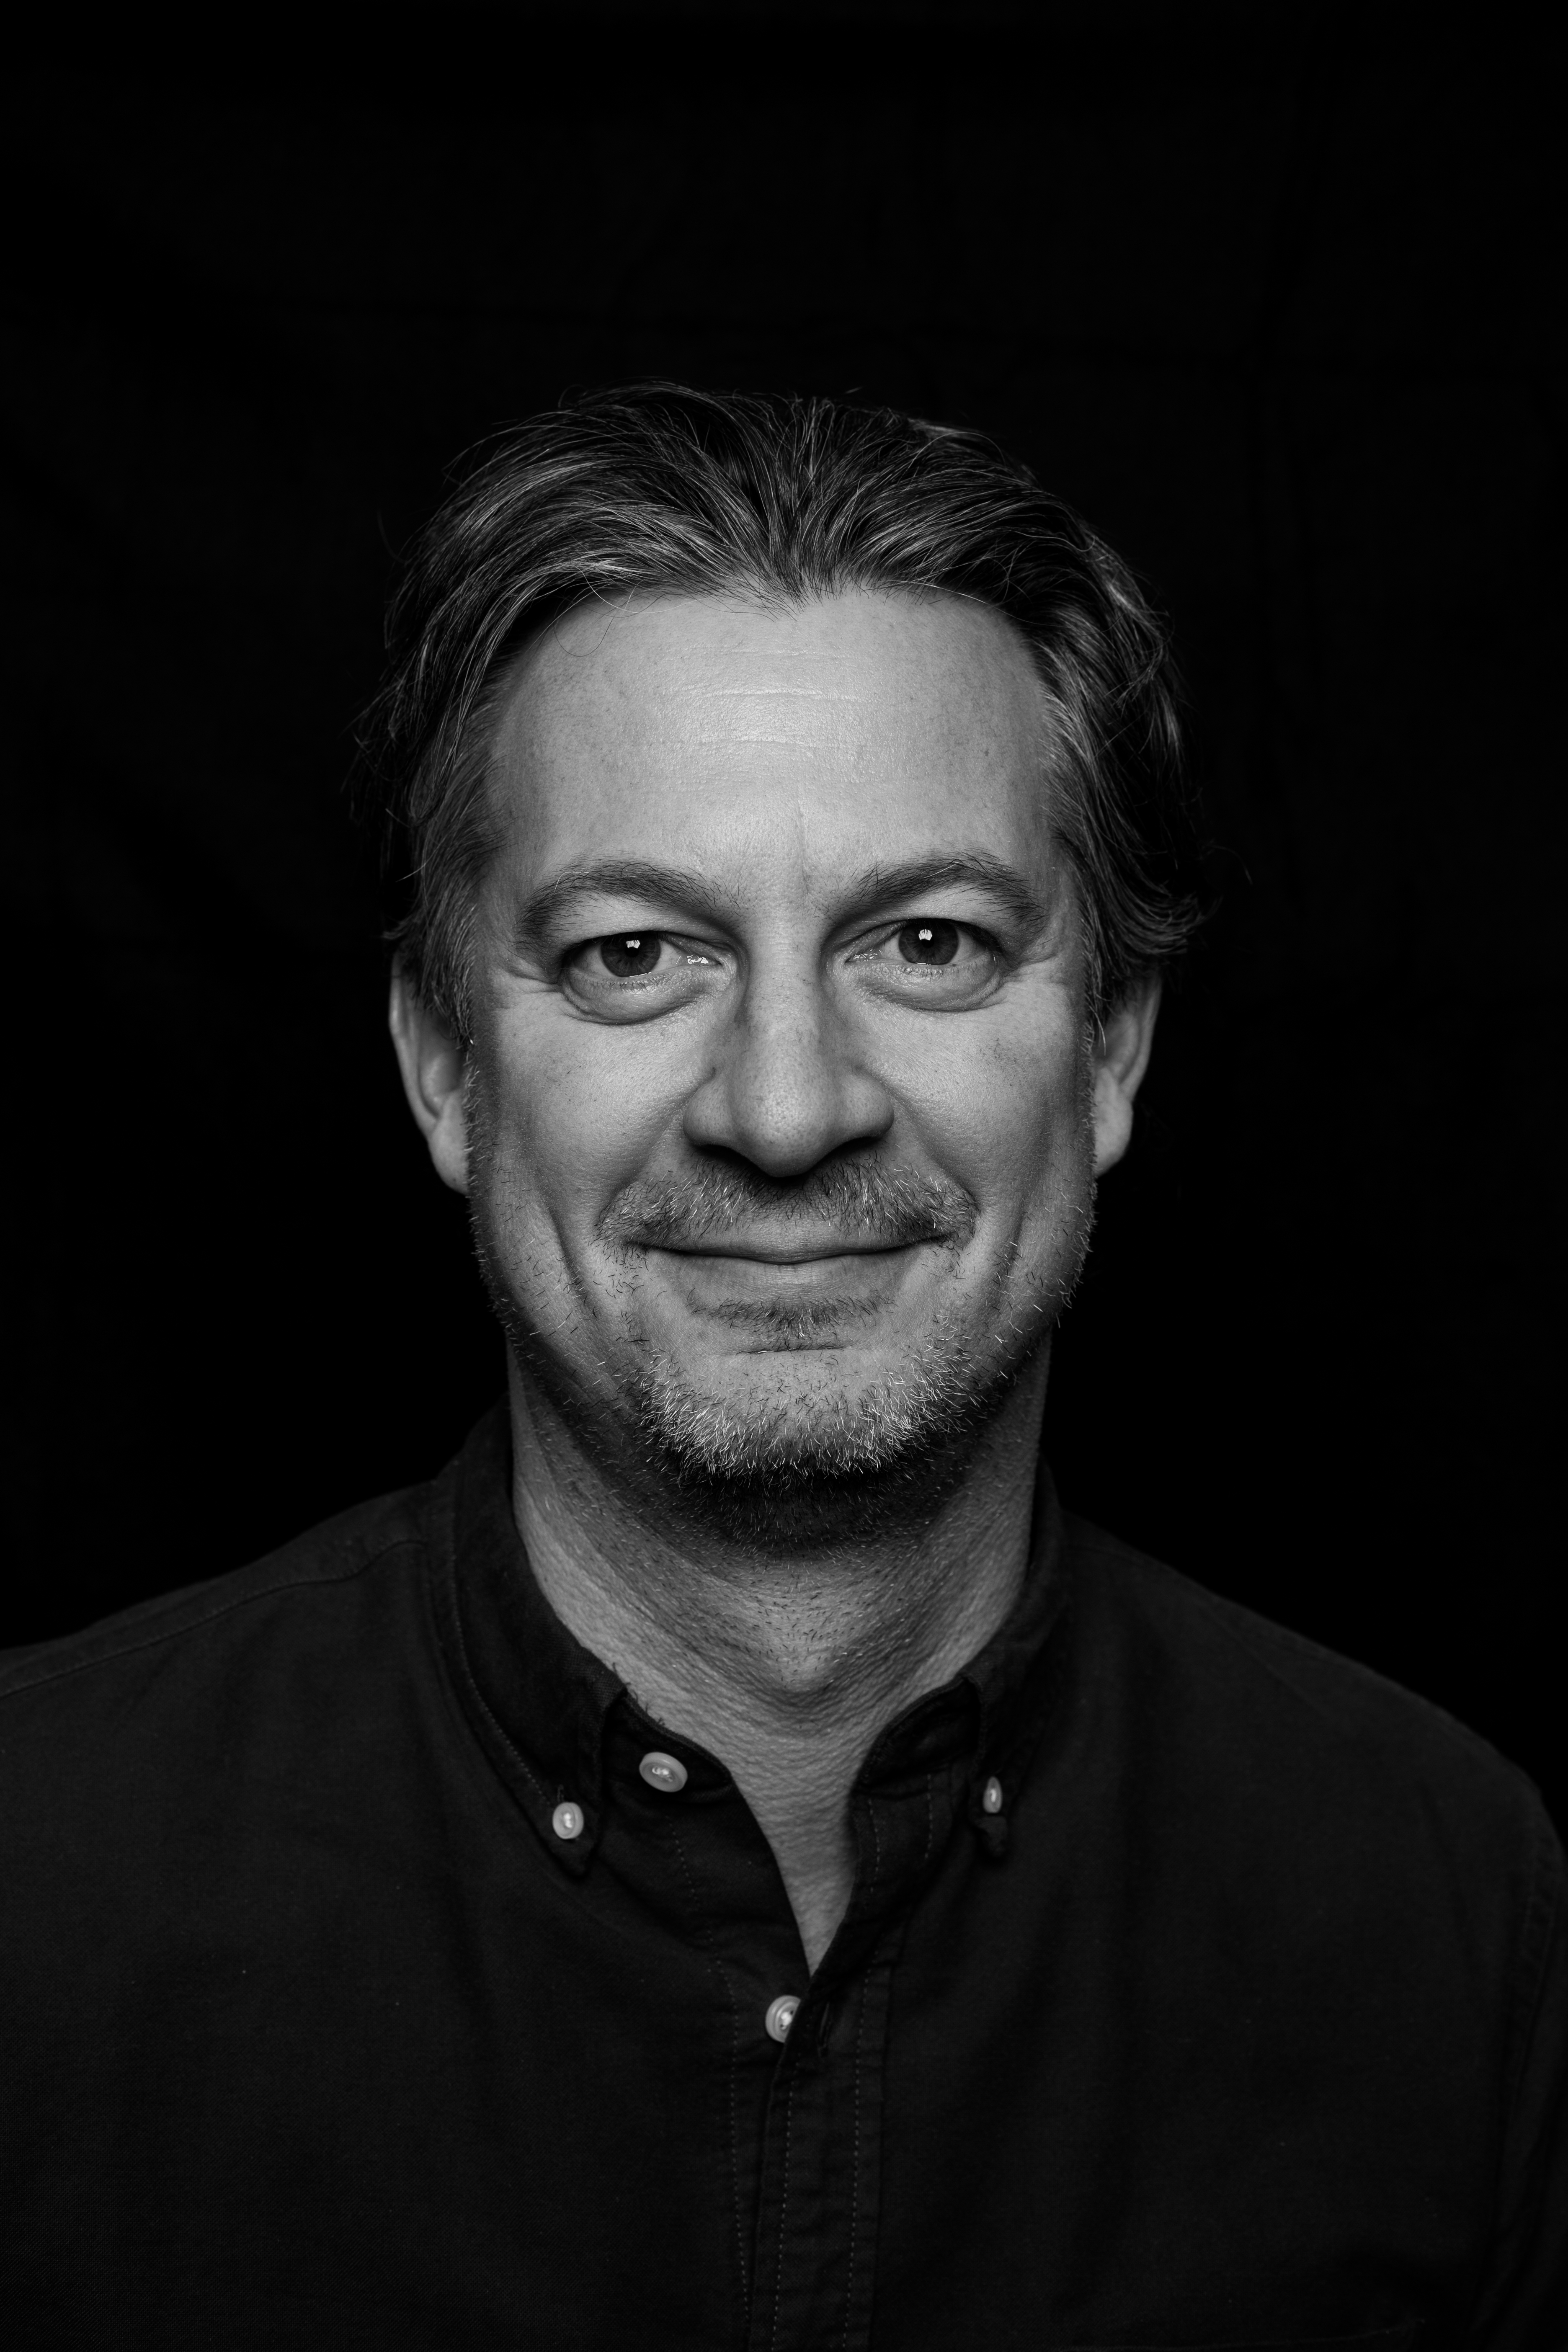 Dotdash CEO Neil Vogel